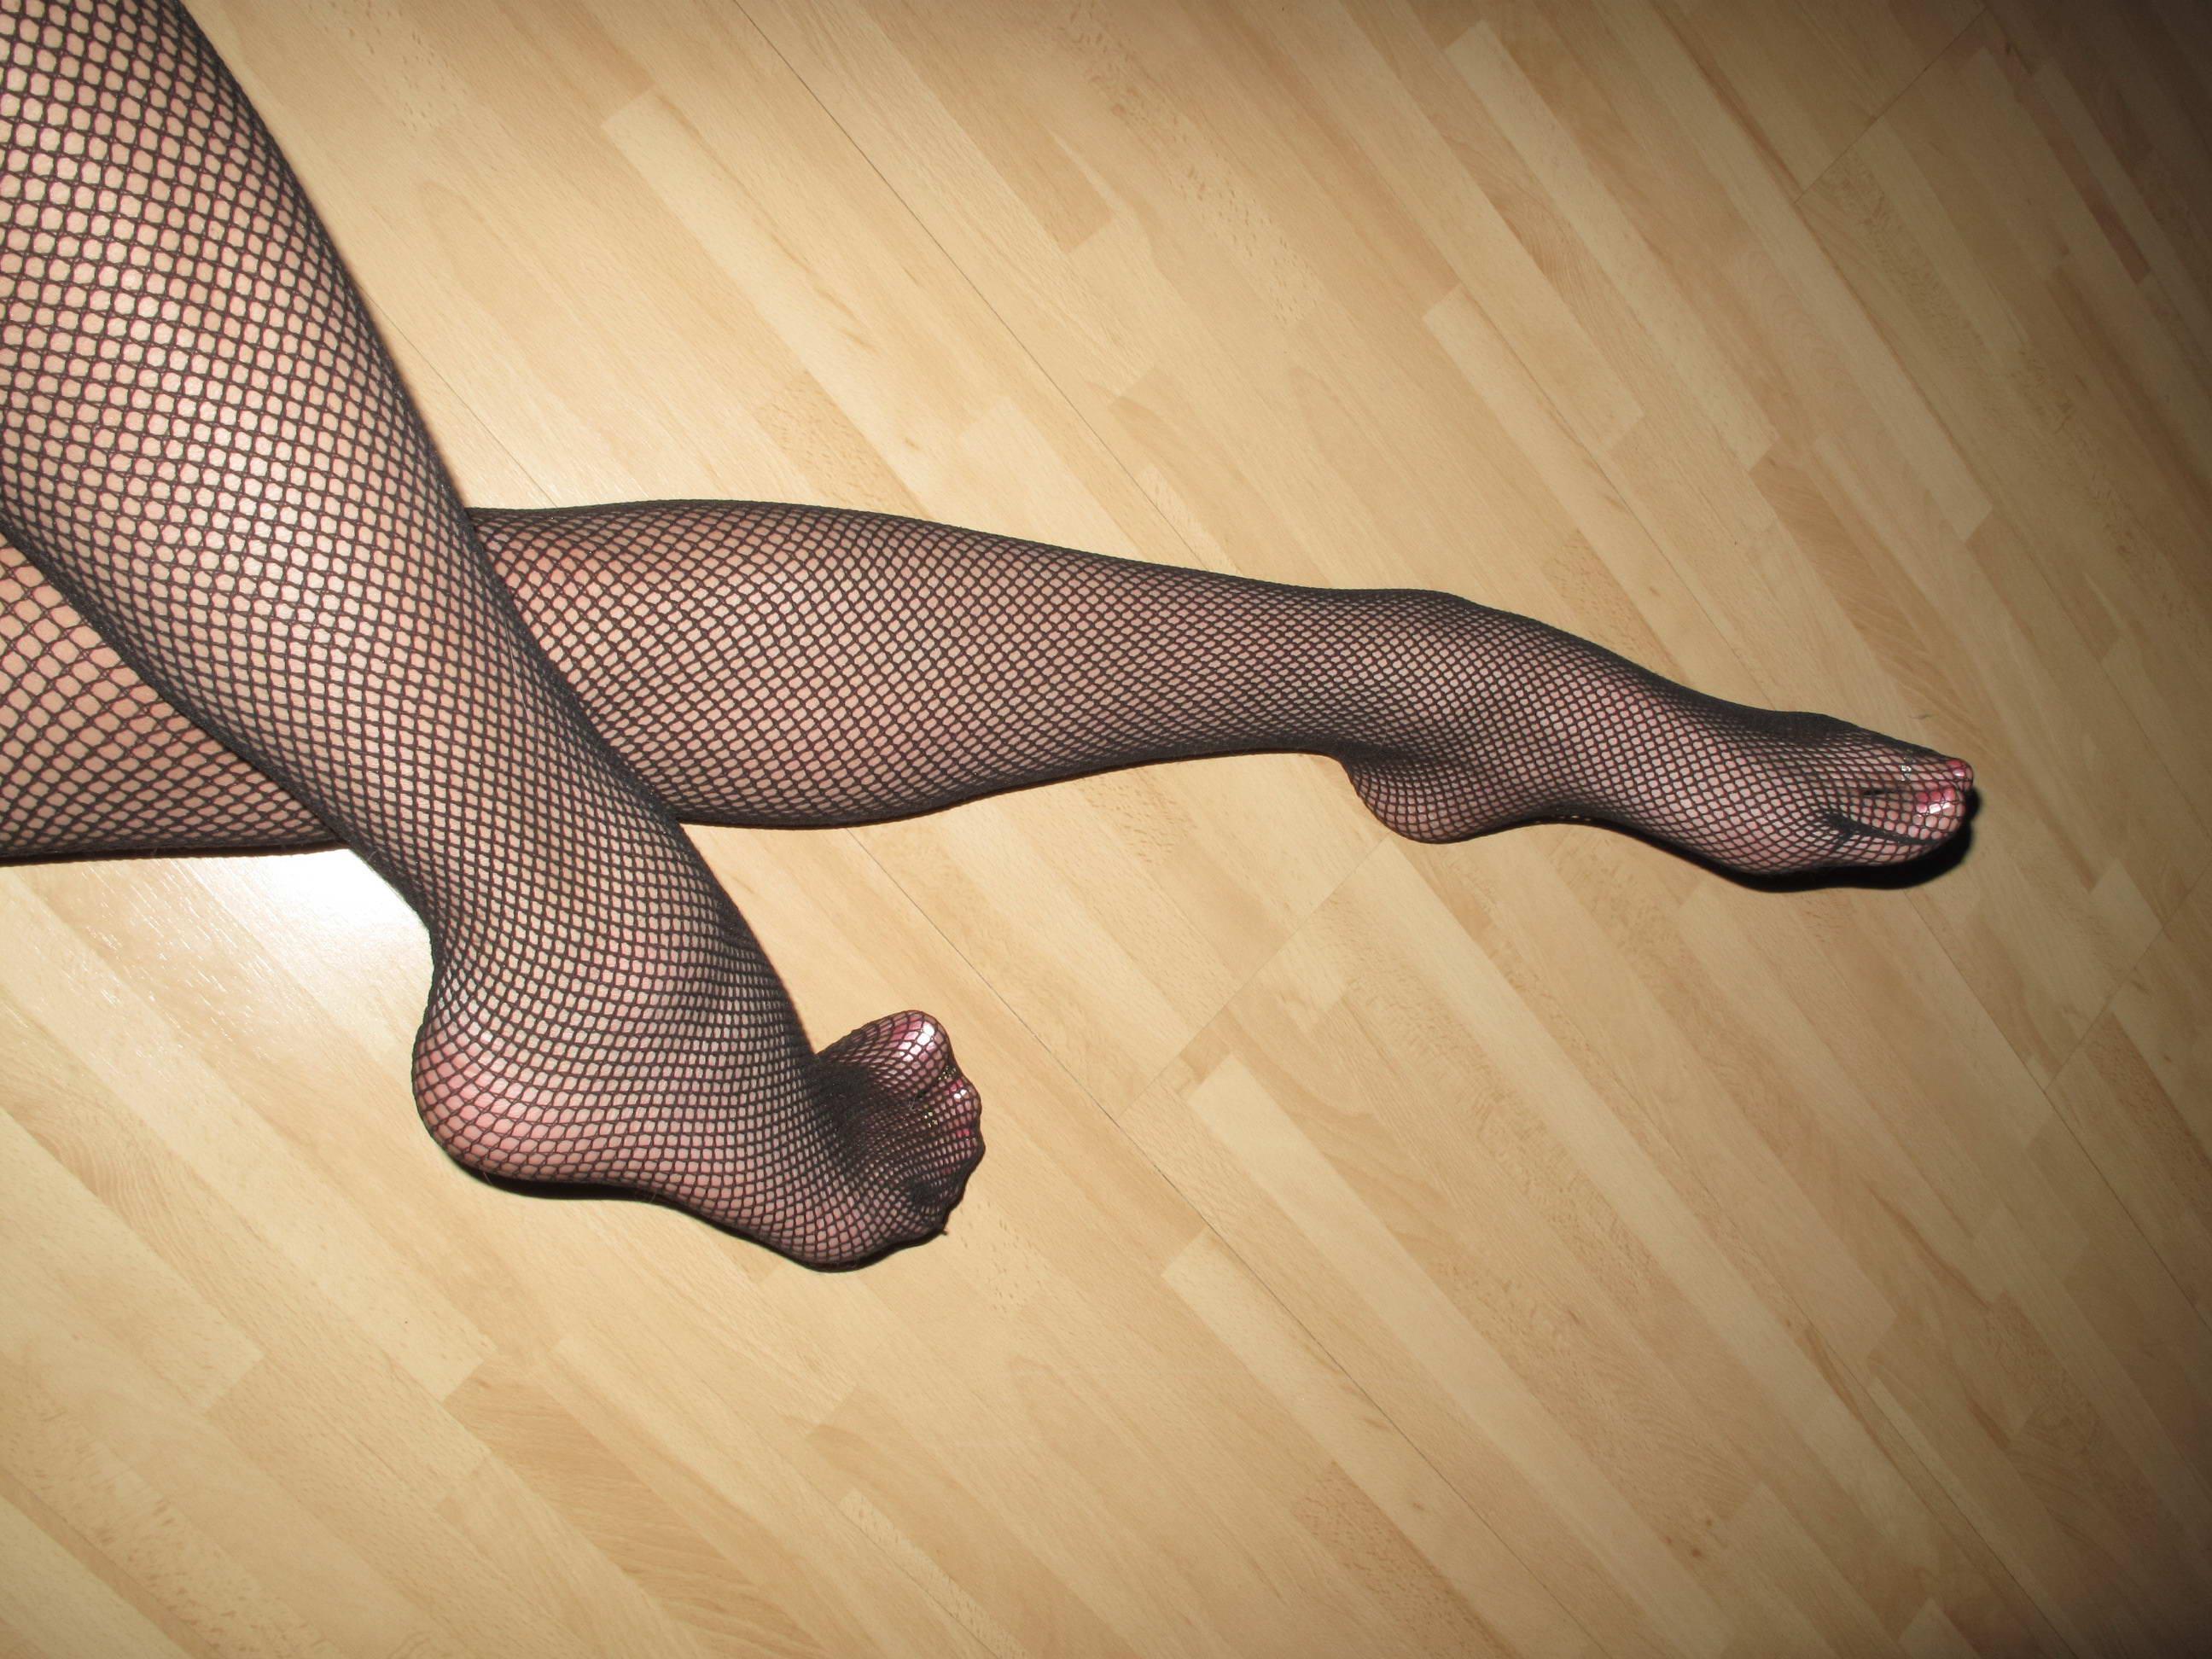 Фут фетиш с красивыми ножками фото 4 фотография